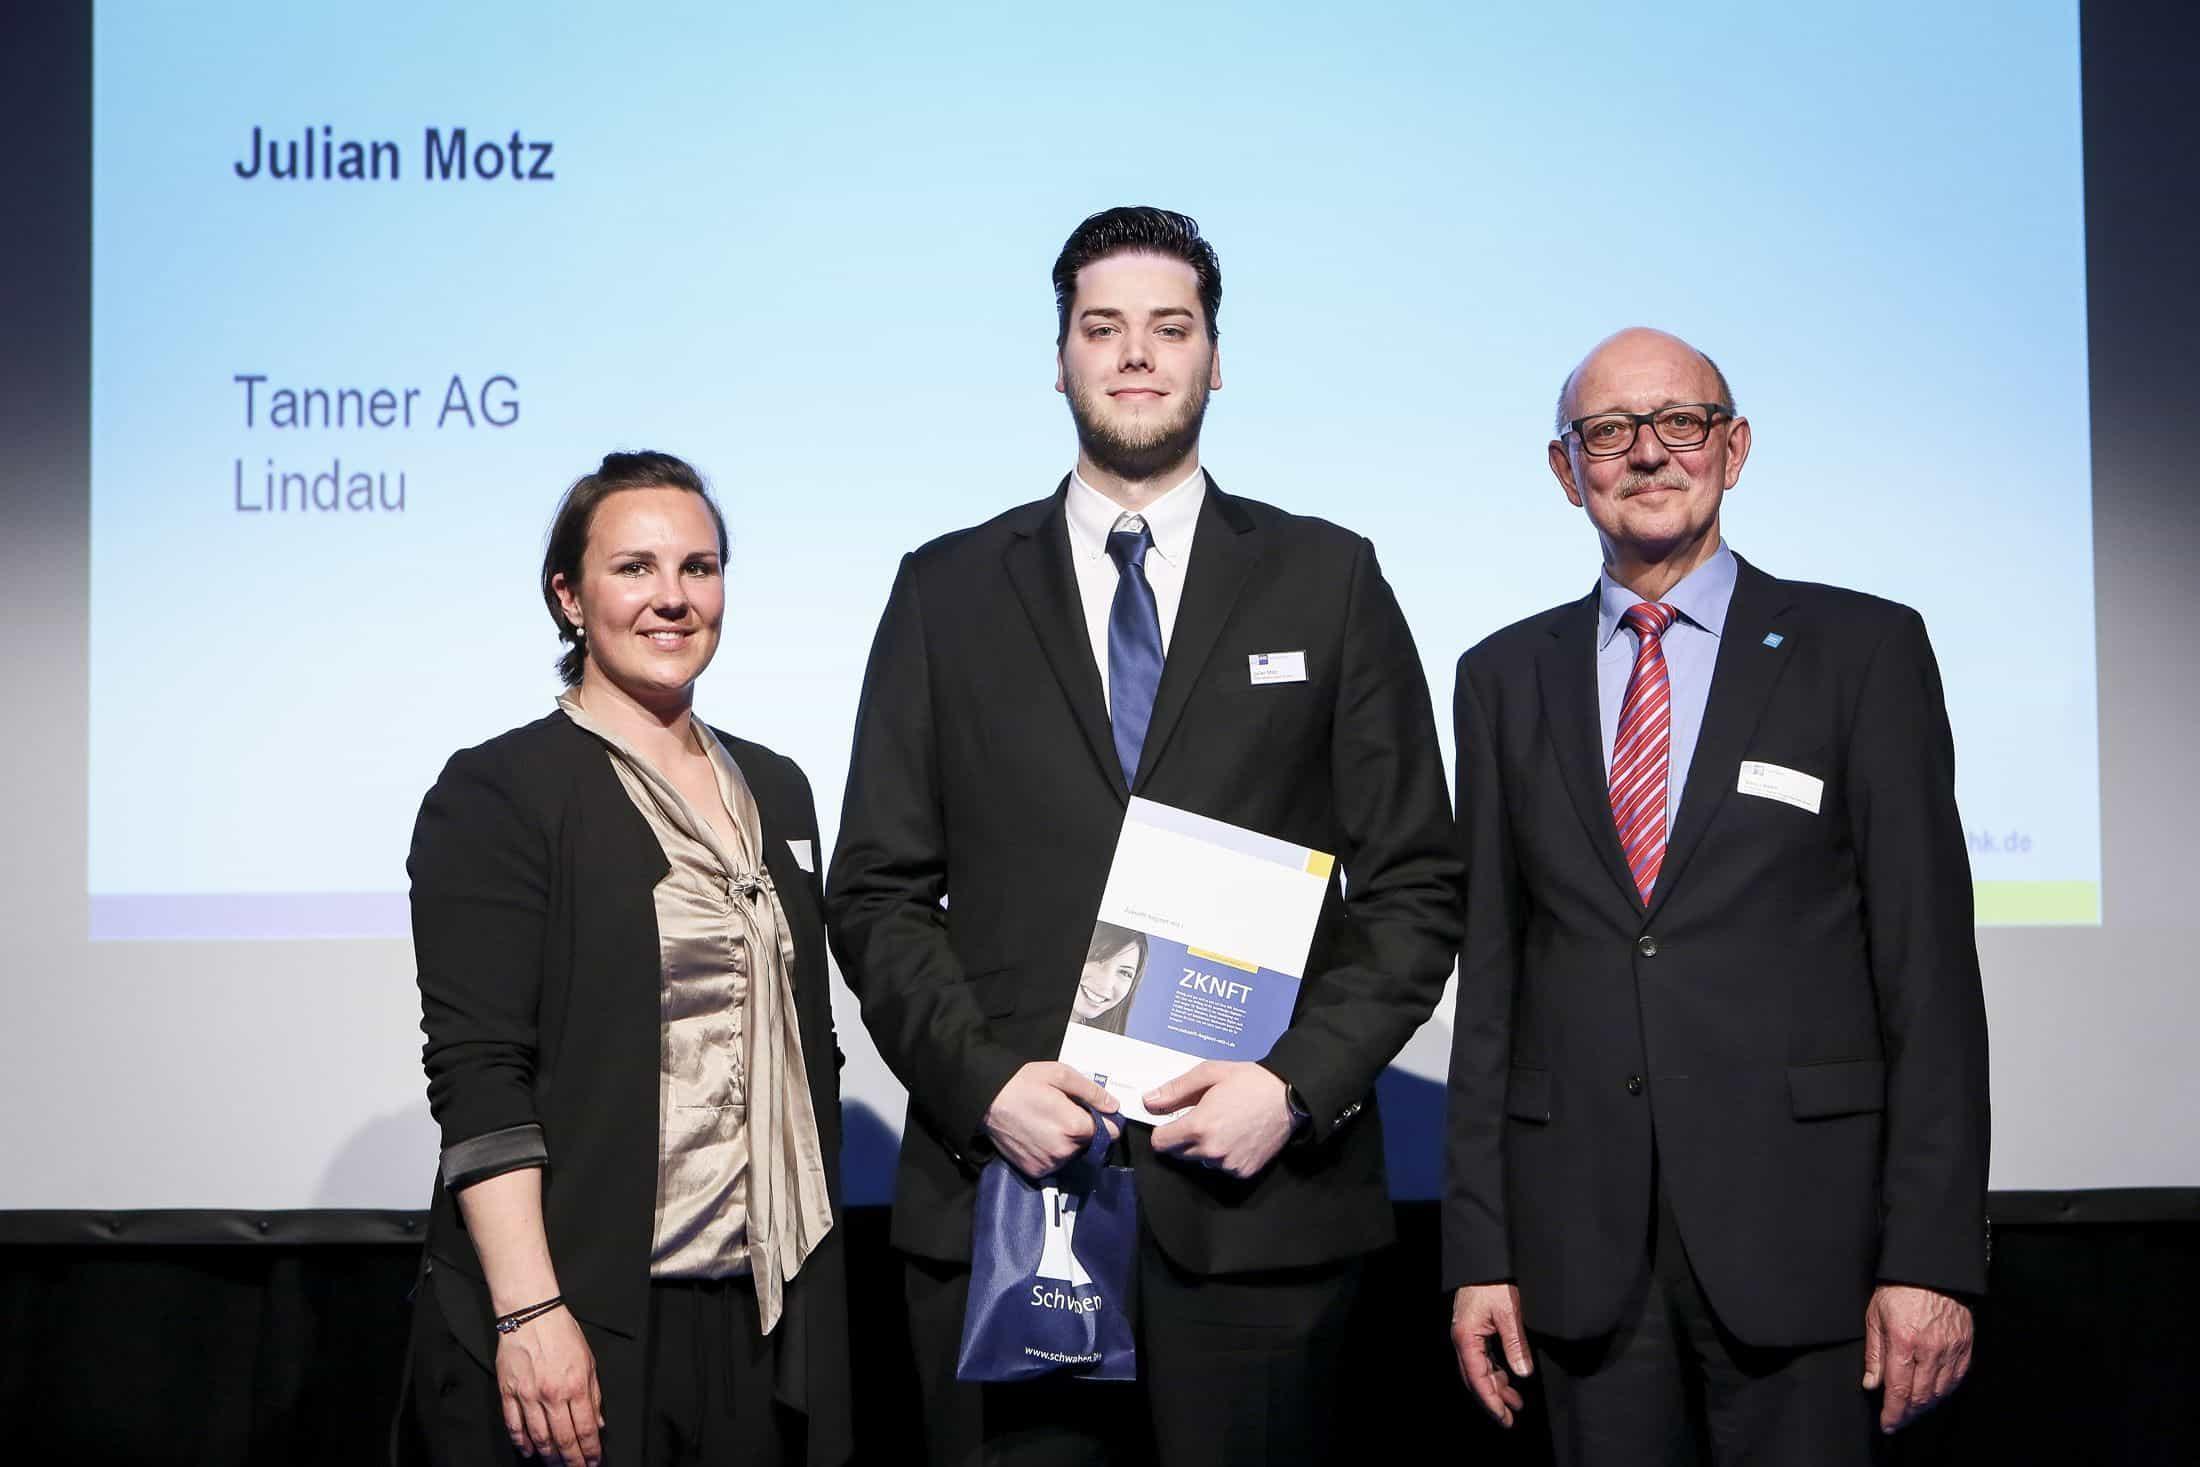 Julian Motz von der TANNER AG ausgezeichnet